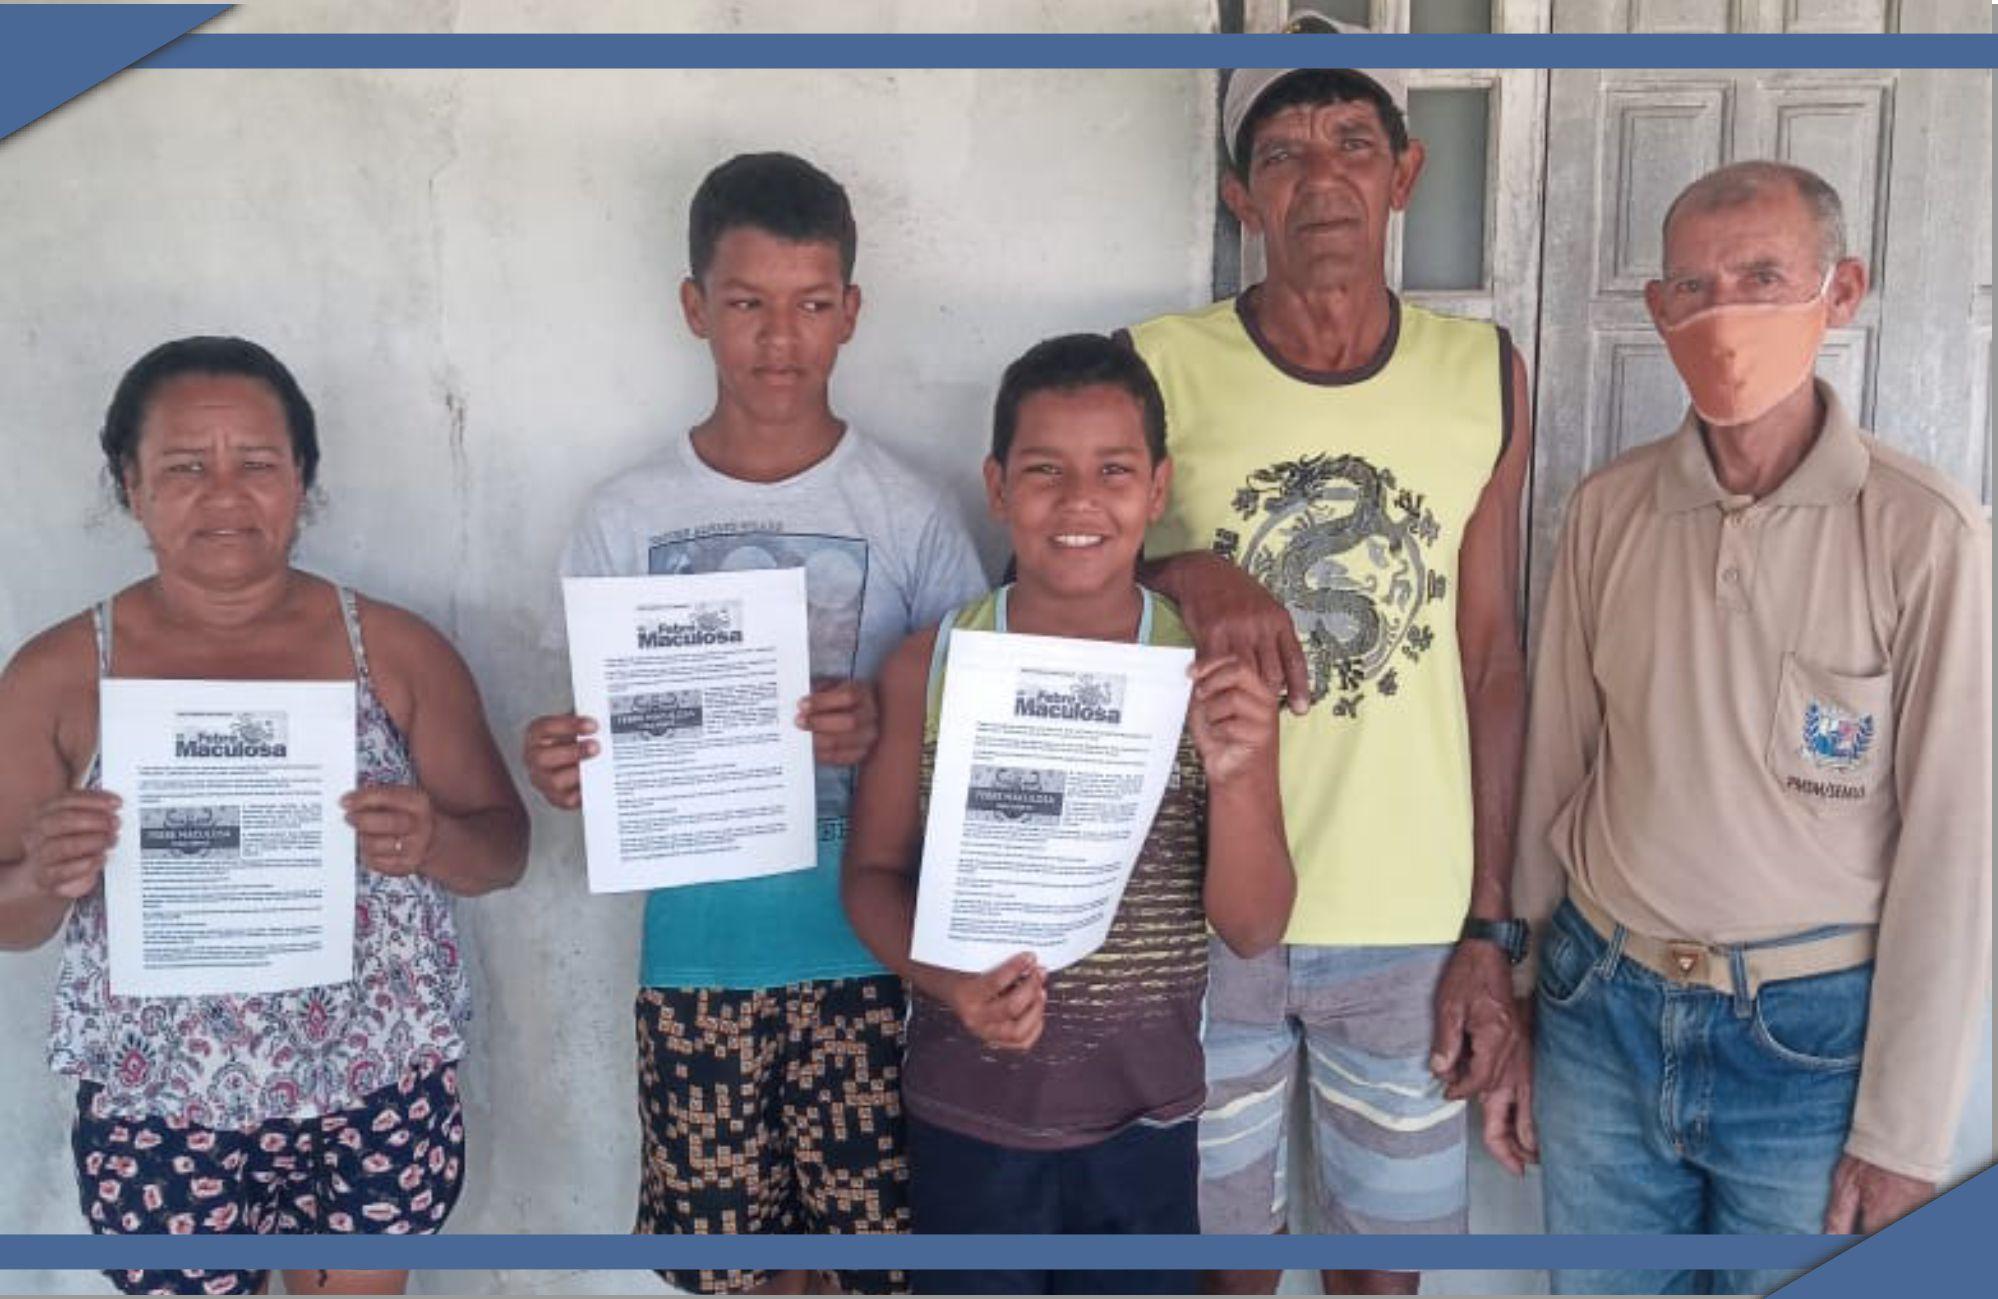 PREFEITURA REALIZA EDUCAÇÃO EM SAÚDE NO ASSENTAMENTO DO VALE DA VITÓRIA SOBRE A FEBRE MACULOSA